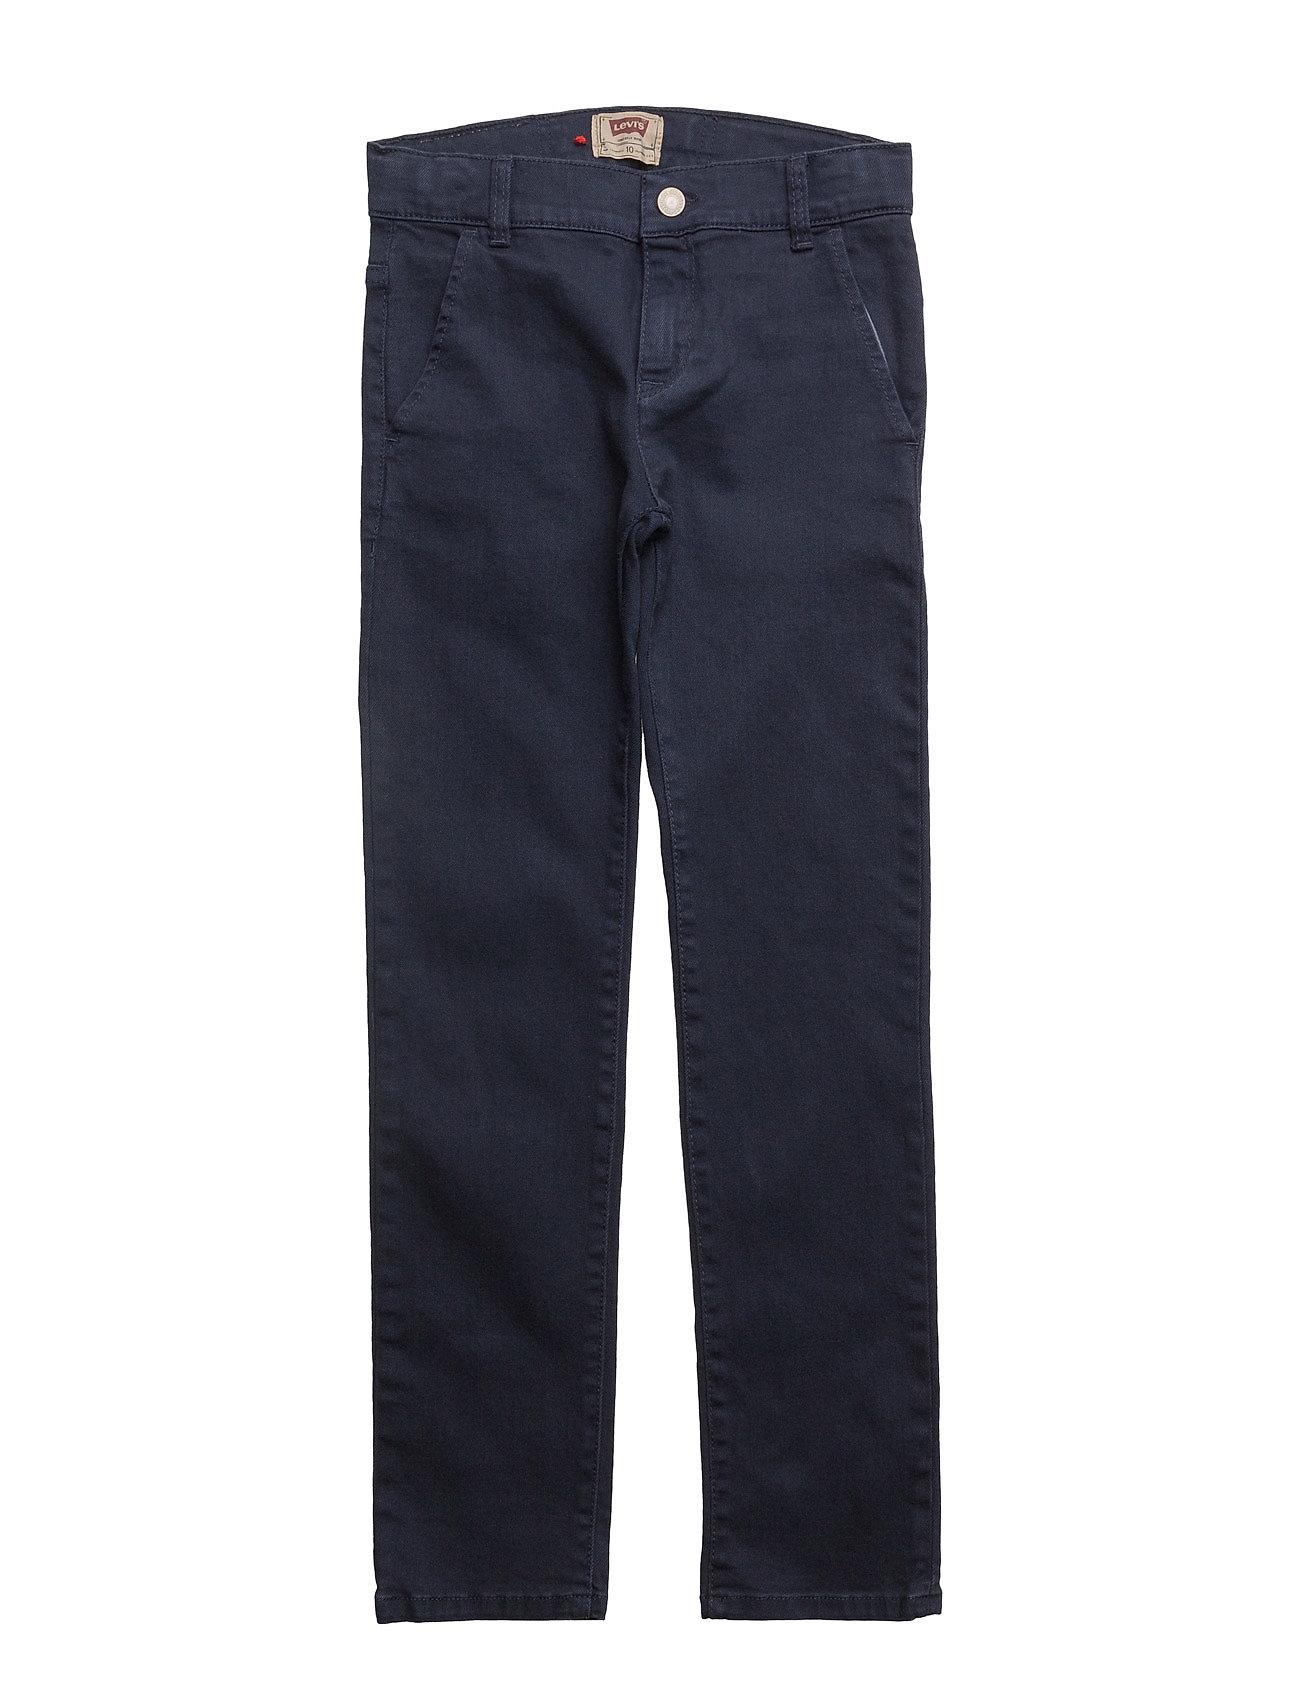 d20dd4b54ad Bestil Pant Chino Levi's Kids Jeans i Marine blå til Drenge på Boozt ...